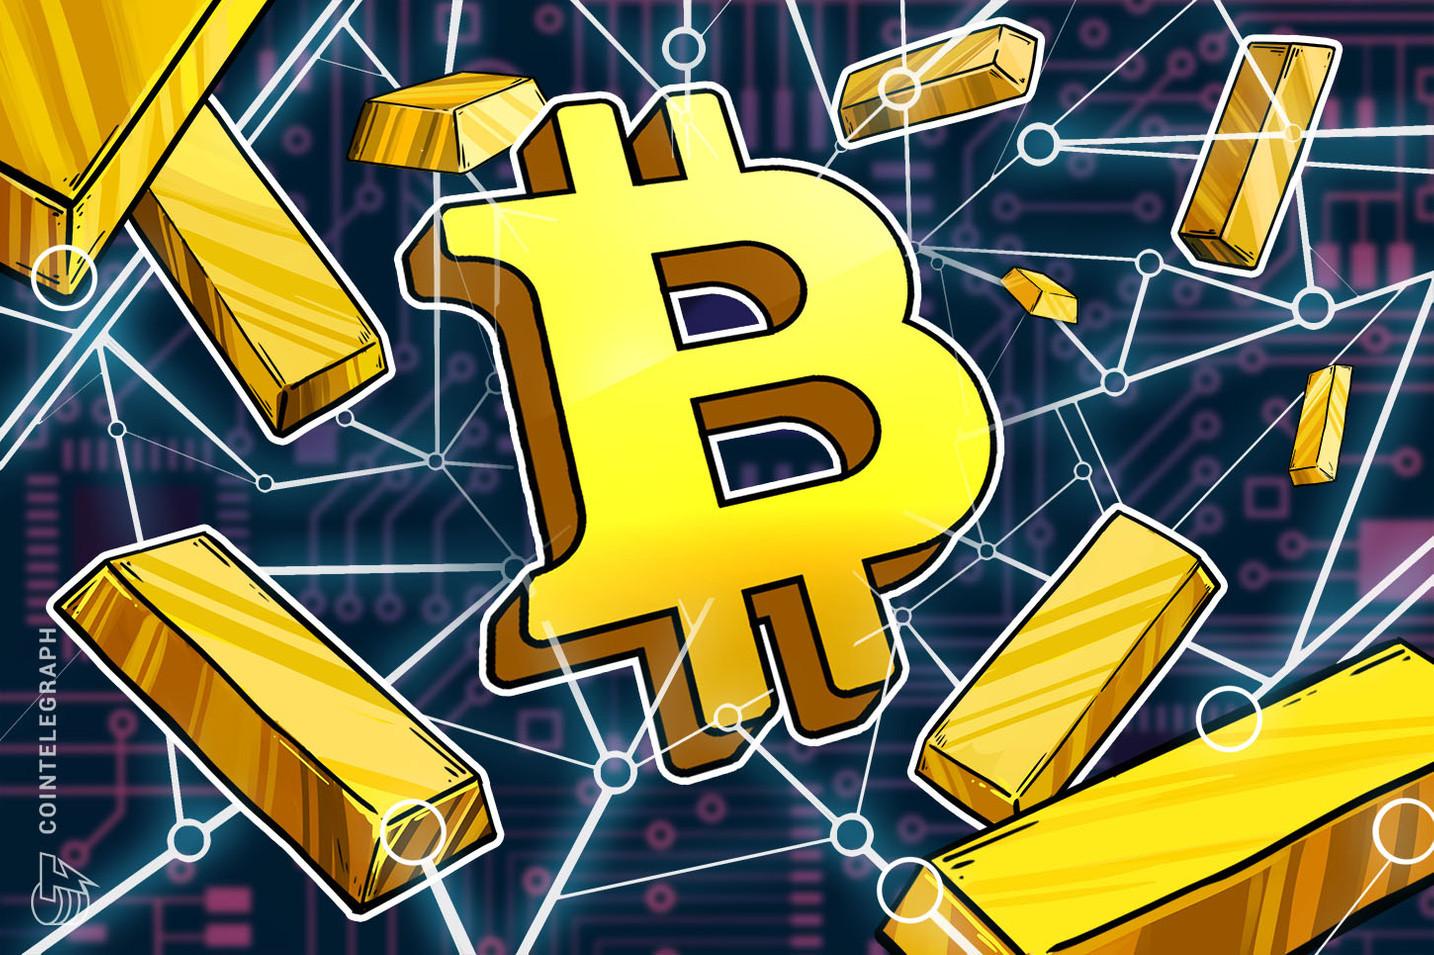 """Bitcoin 11.000 doları aştı - """"Ons altın 4.000 dolar olur"""" yorumu geldi"""